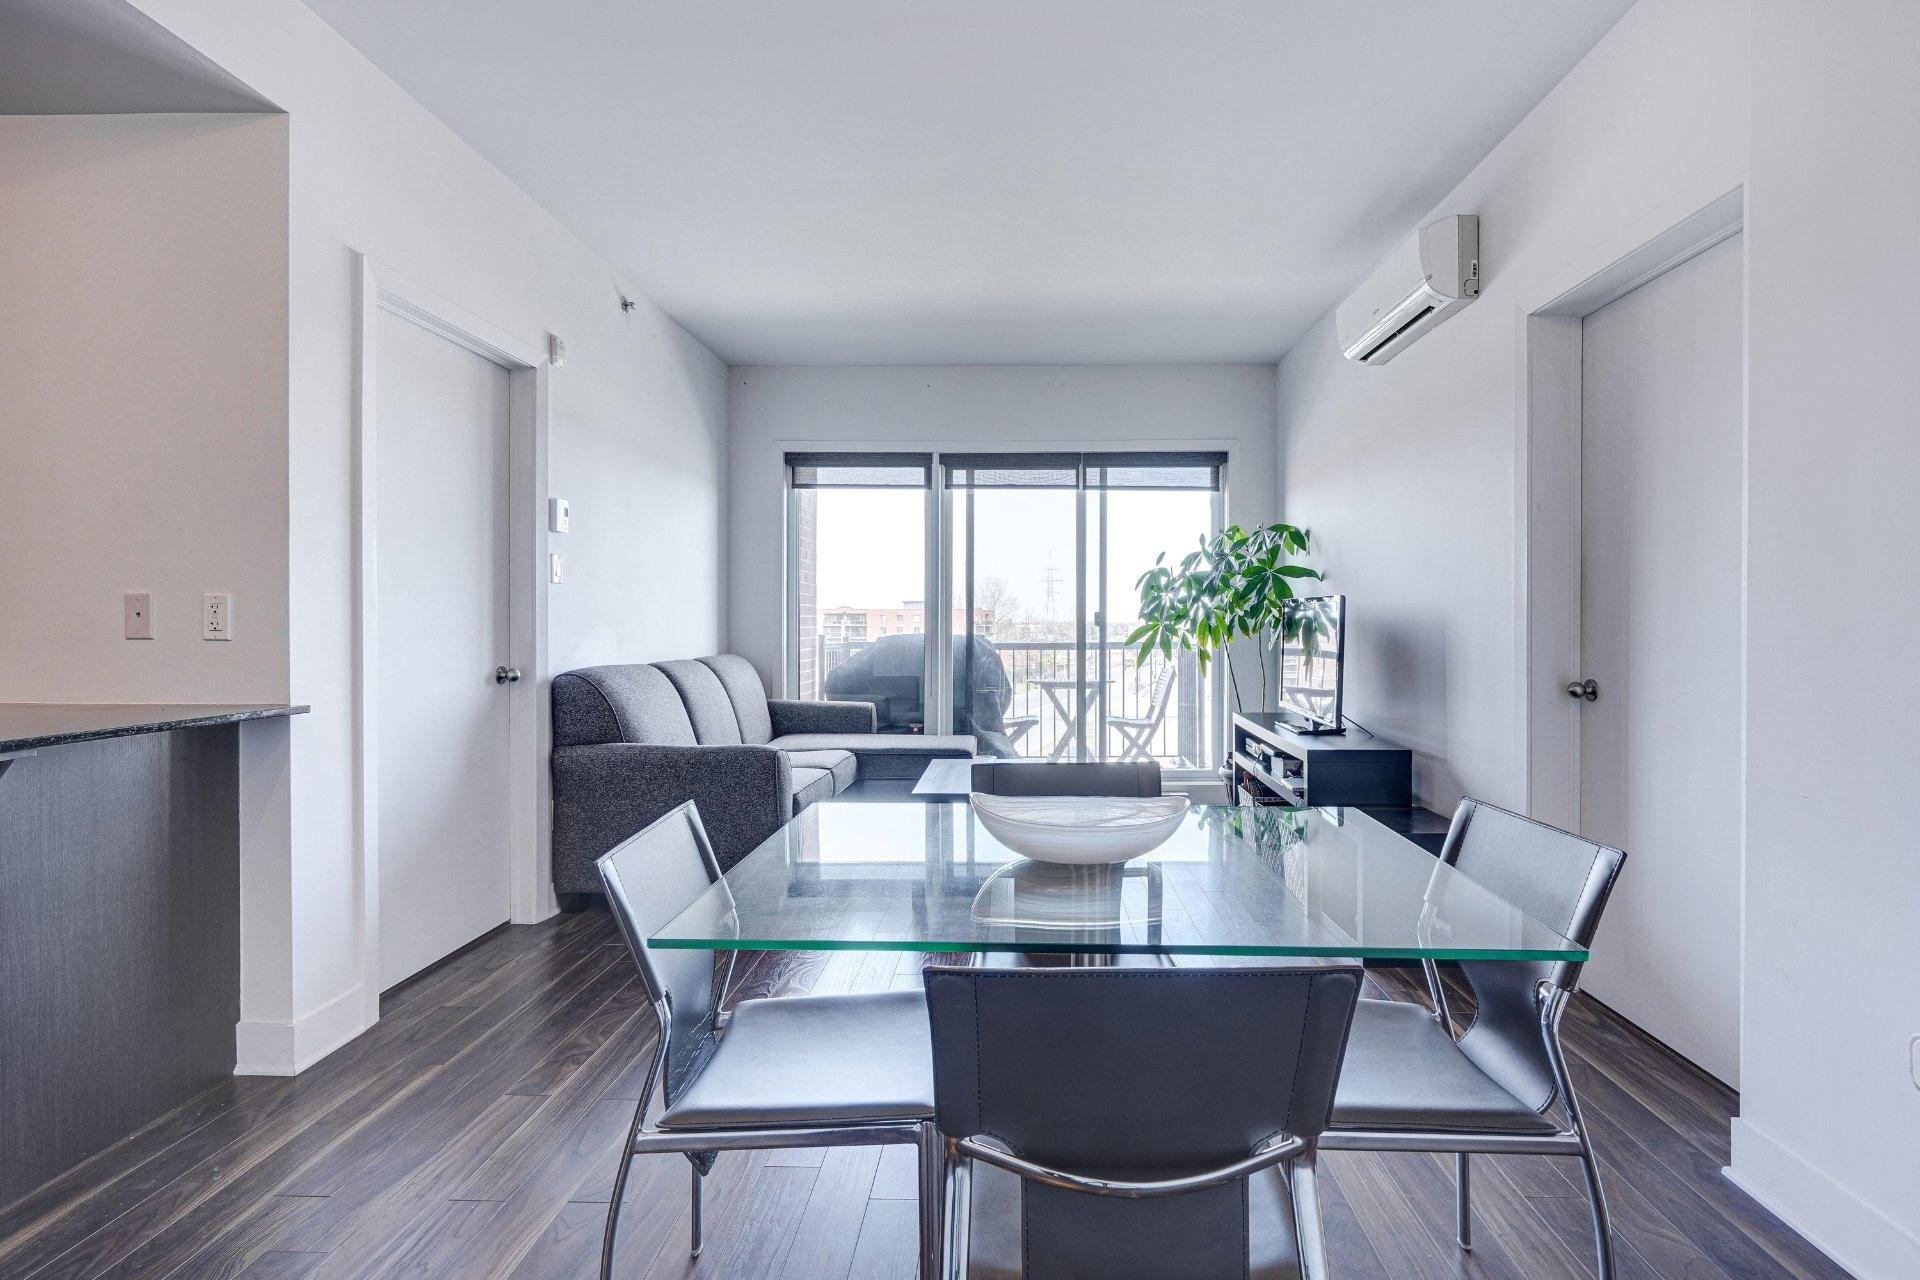 image 5 - Appartement À vendre Saint-Laurent Montréal  - 7 pièces